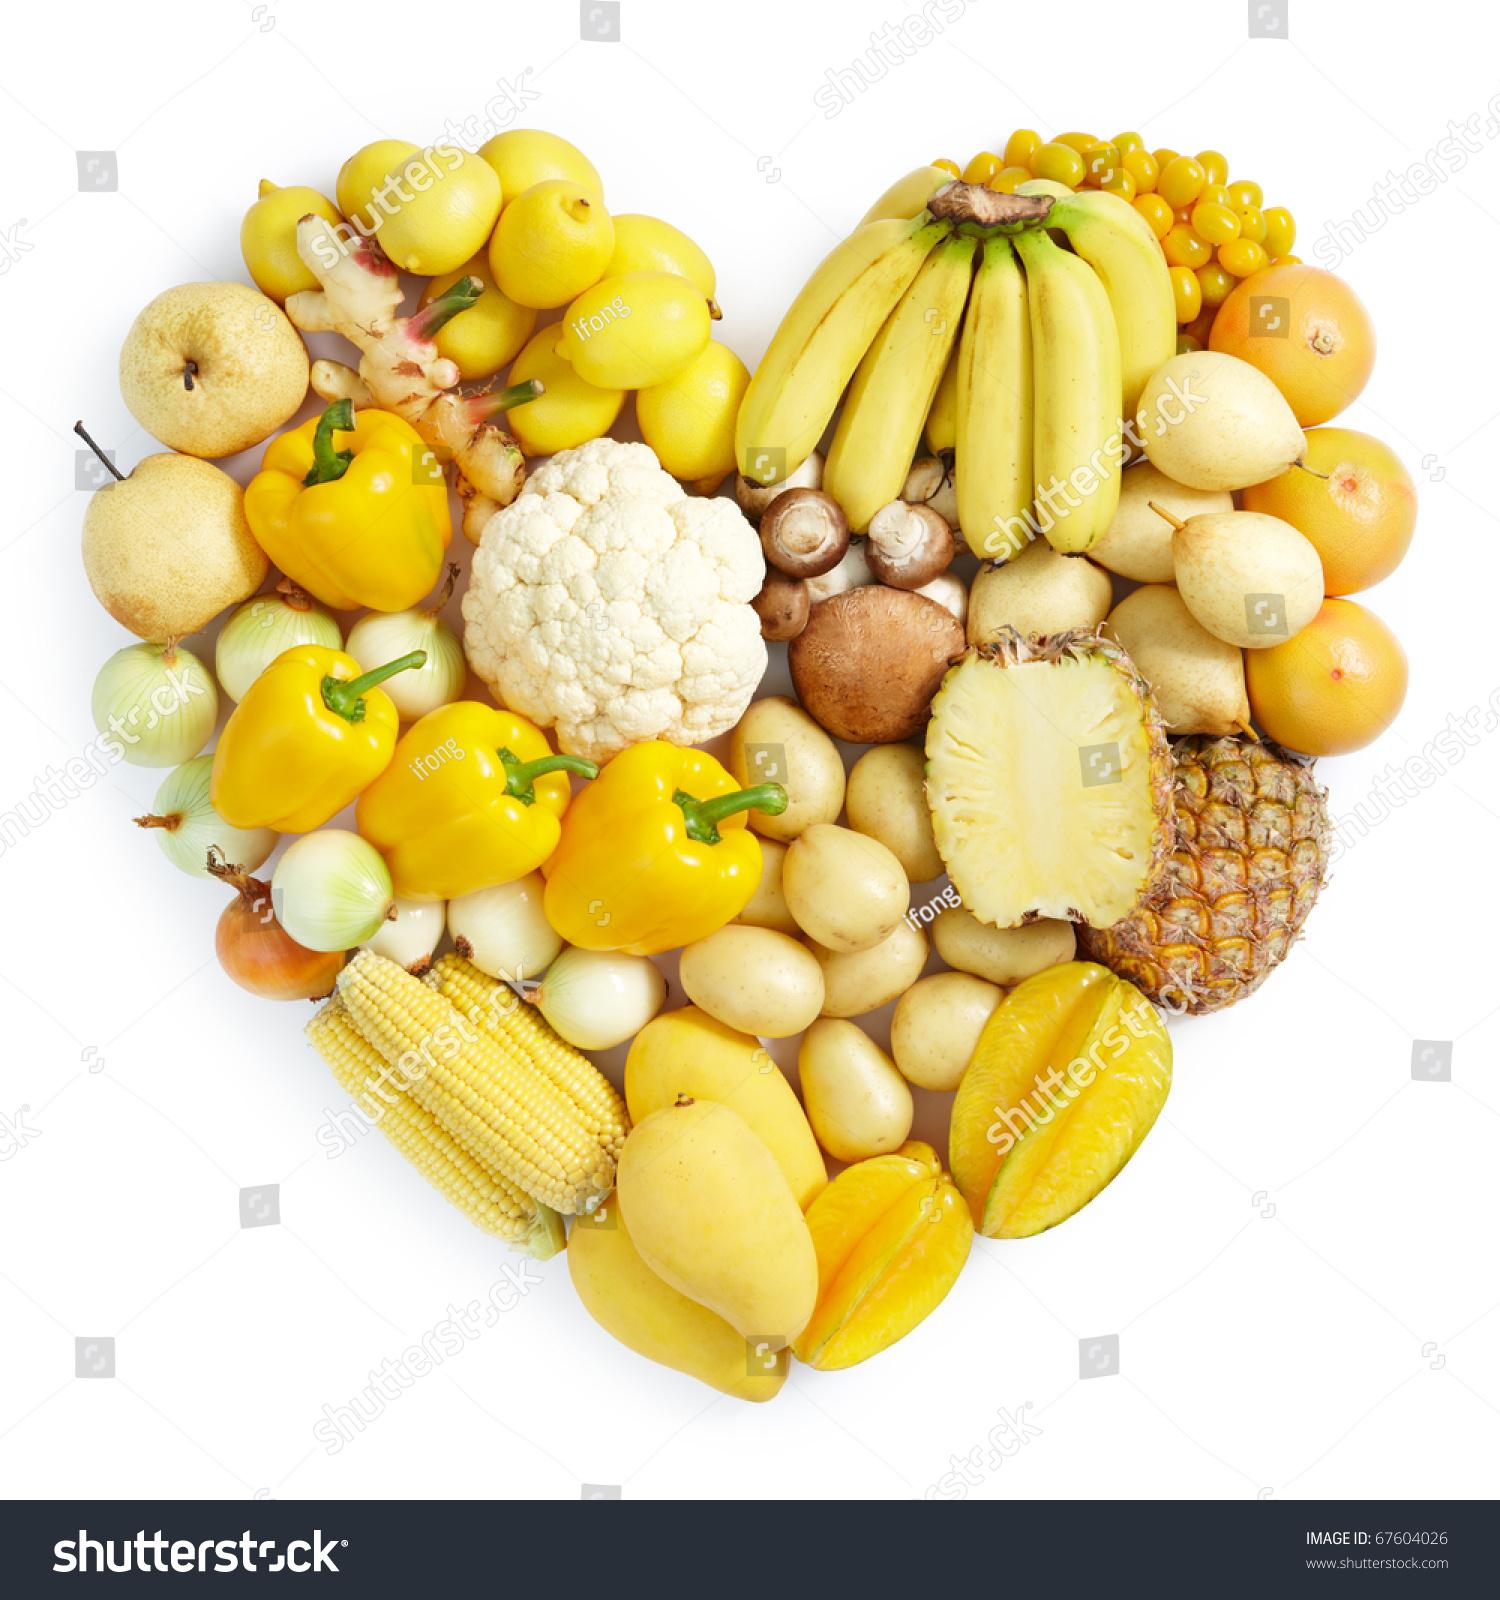 Желтые овощи и фрукты фотографии 6